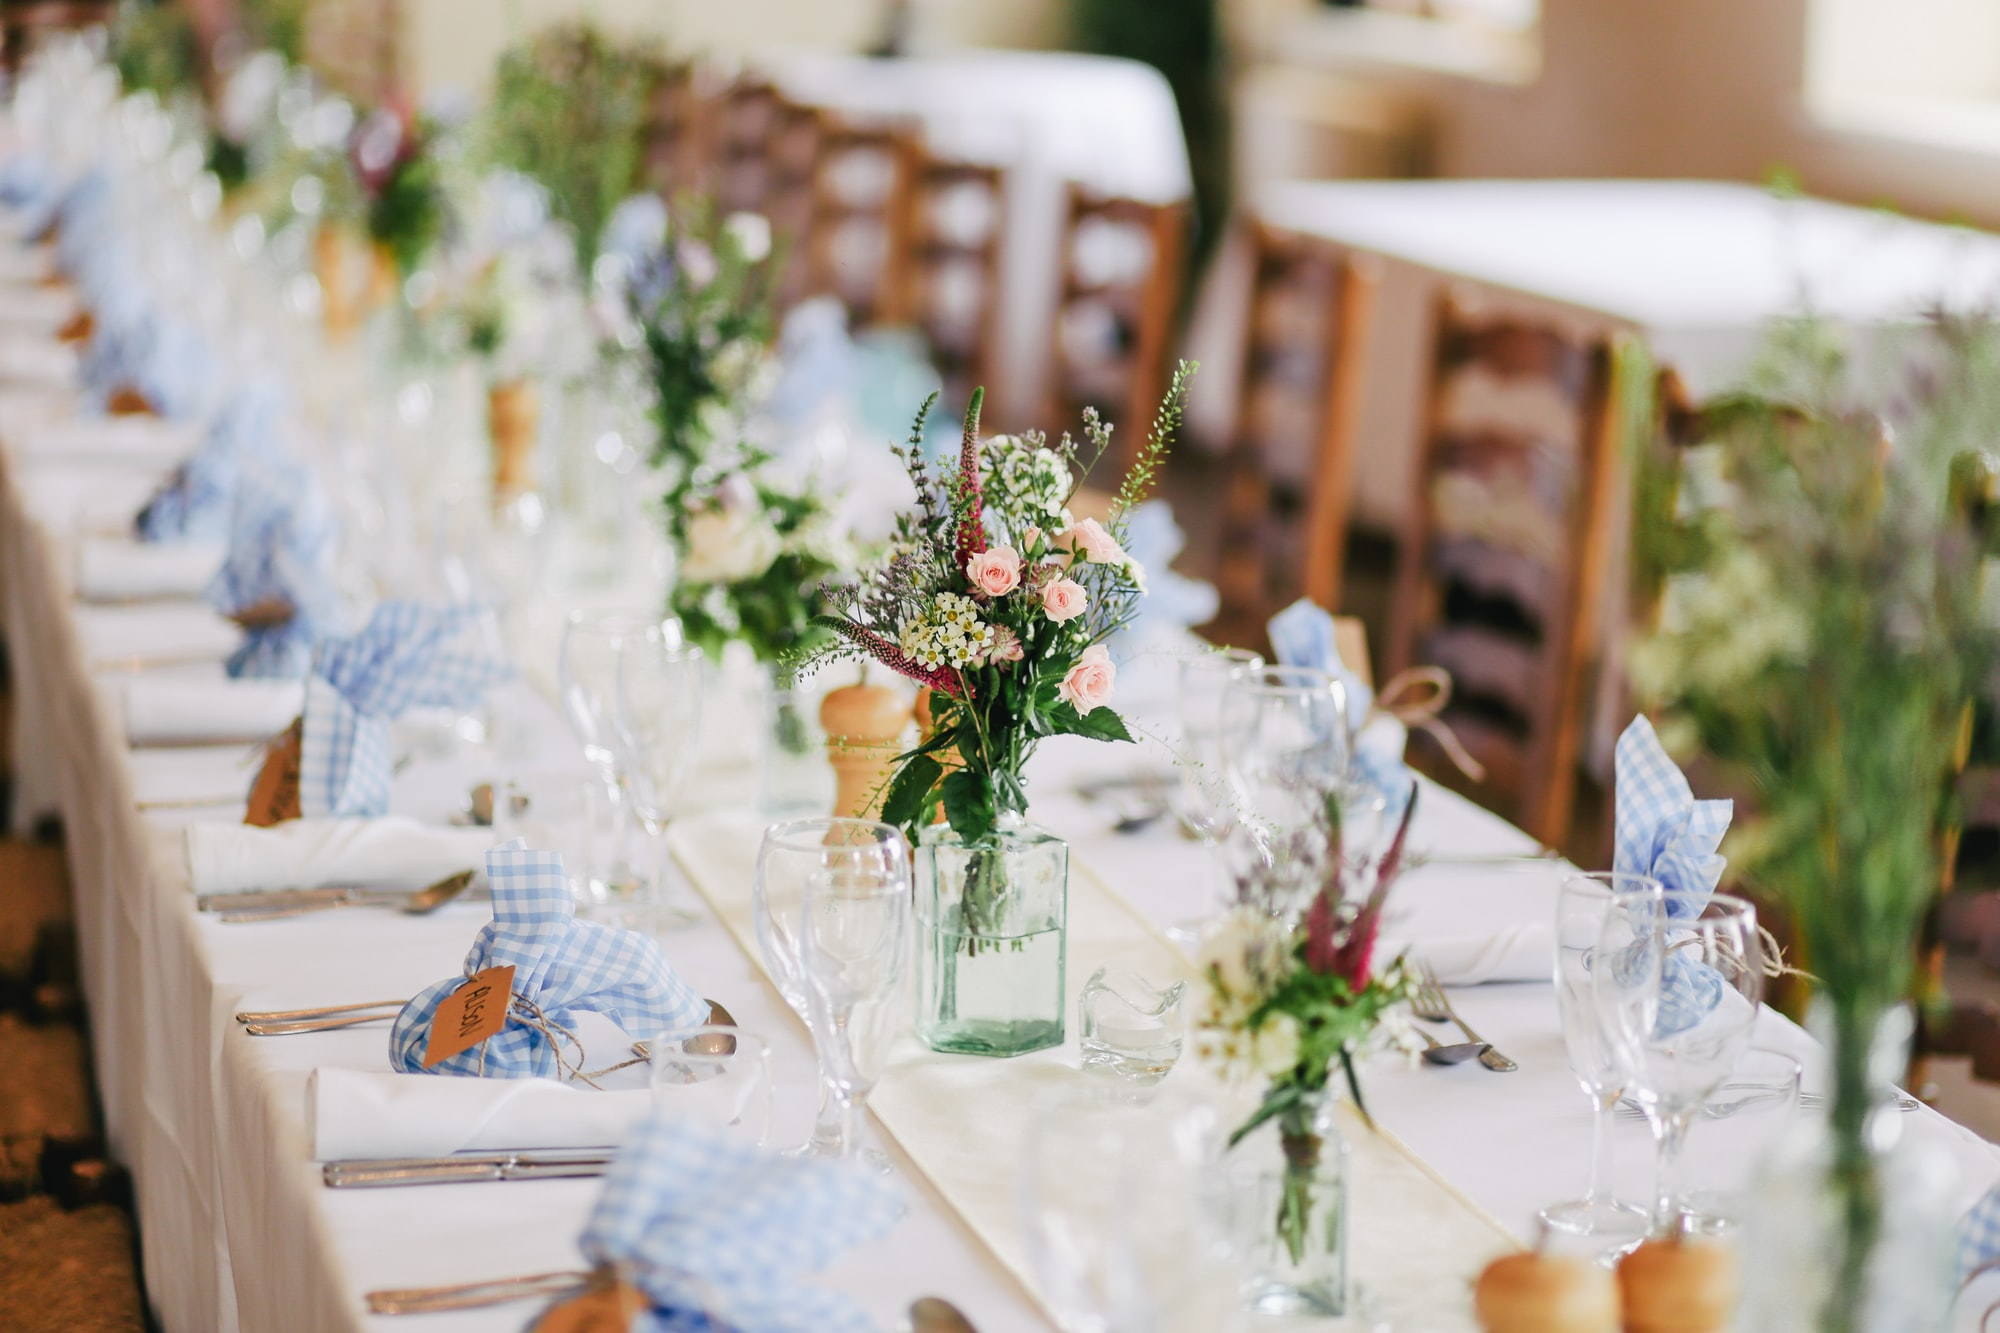 Kiedy będzie można organizować wesela? Podano możliwe terminy